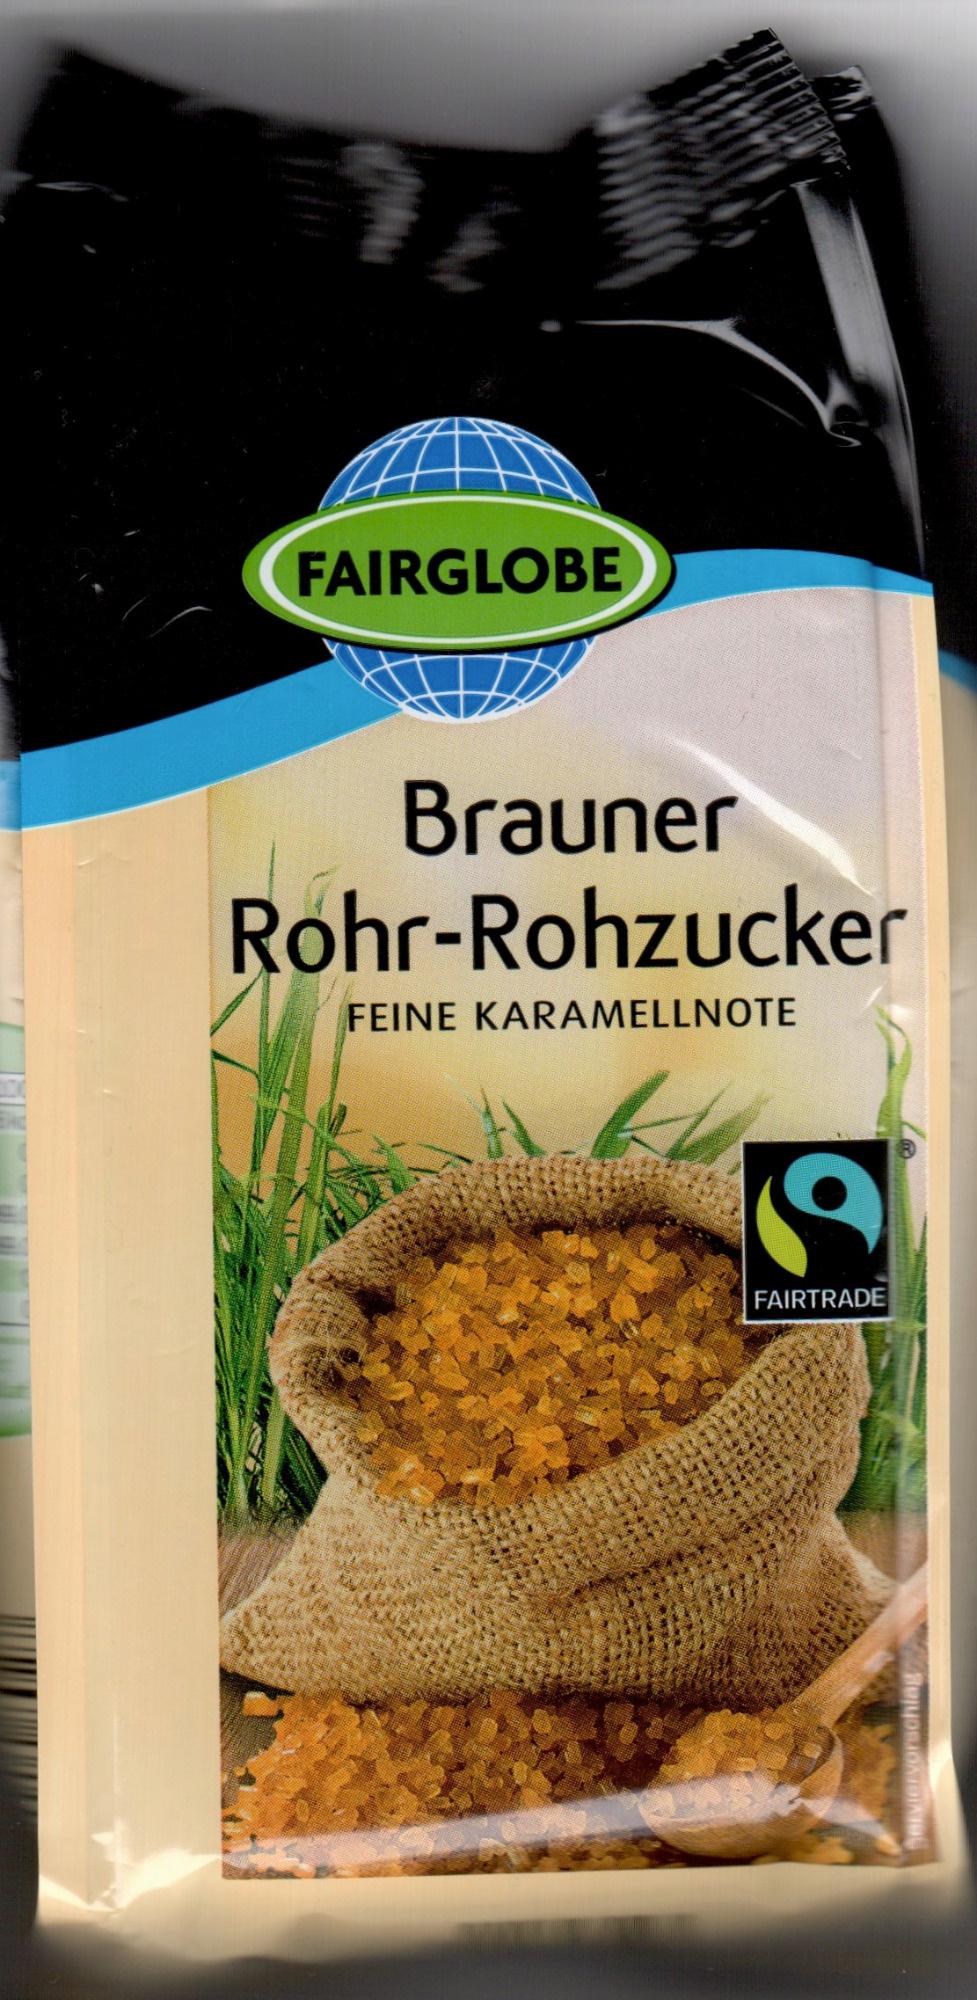 Brauner Rohr-Rohzucker - Product - de